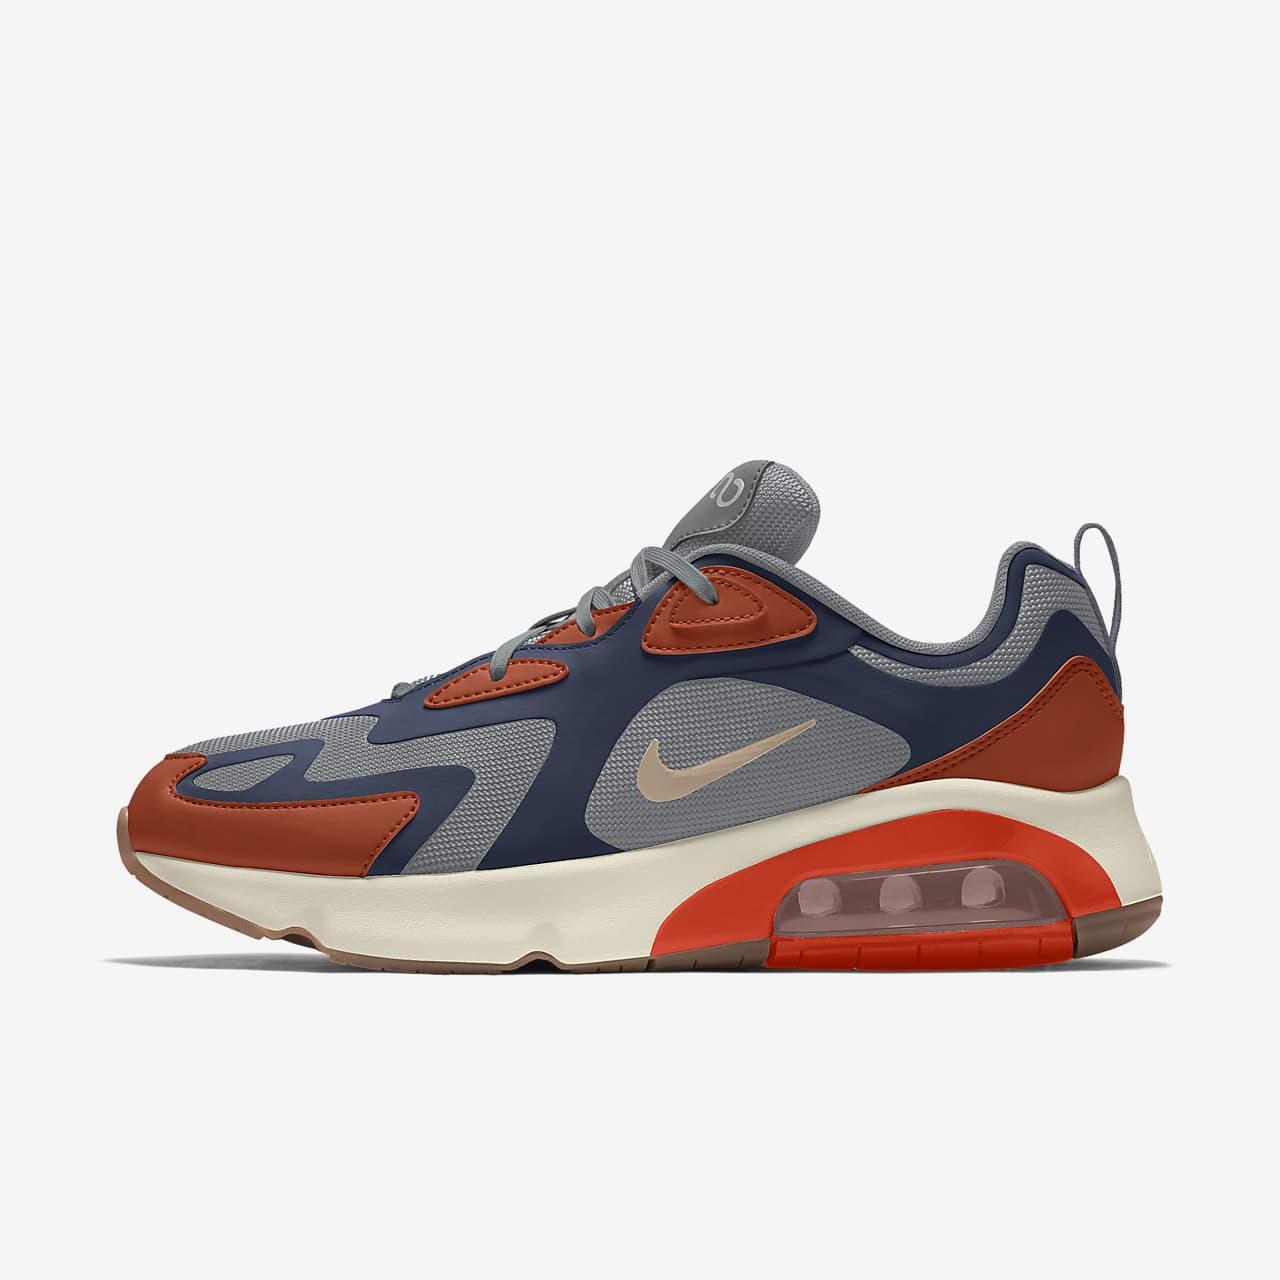 รองเท้าผู้หญิงออกแบบเอง Nike Air Max 200 By You